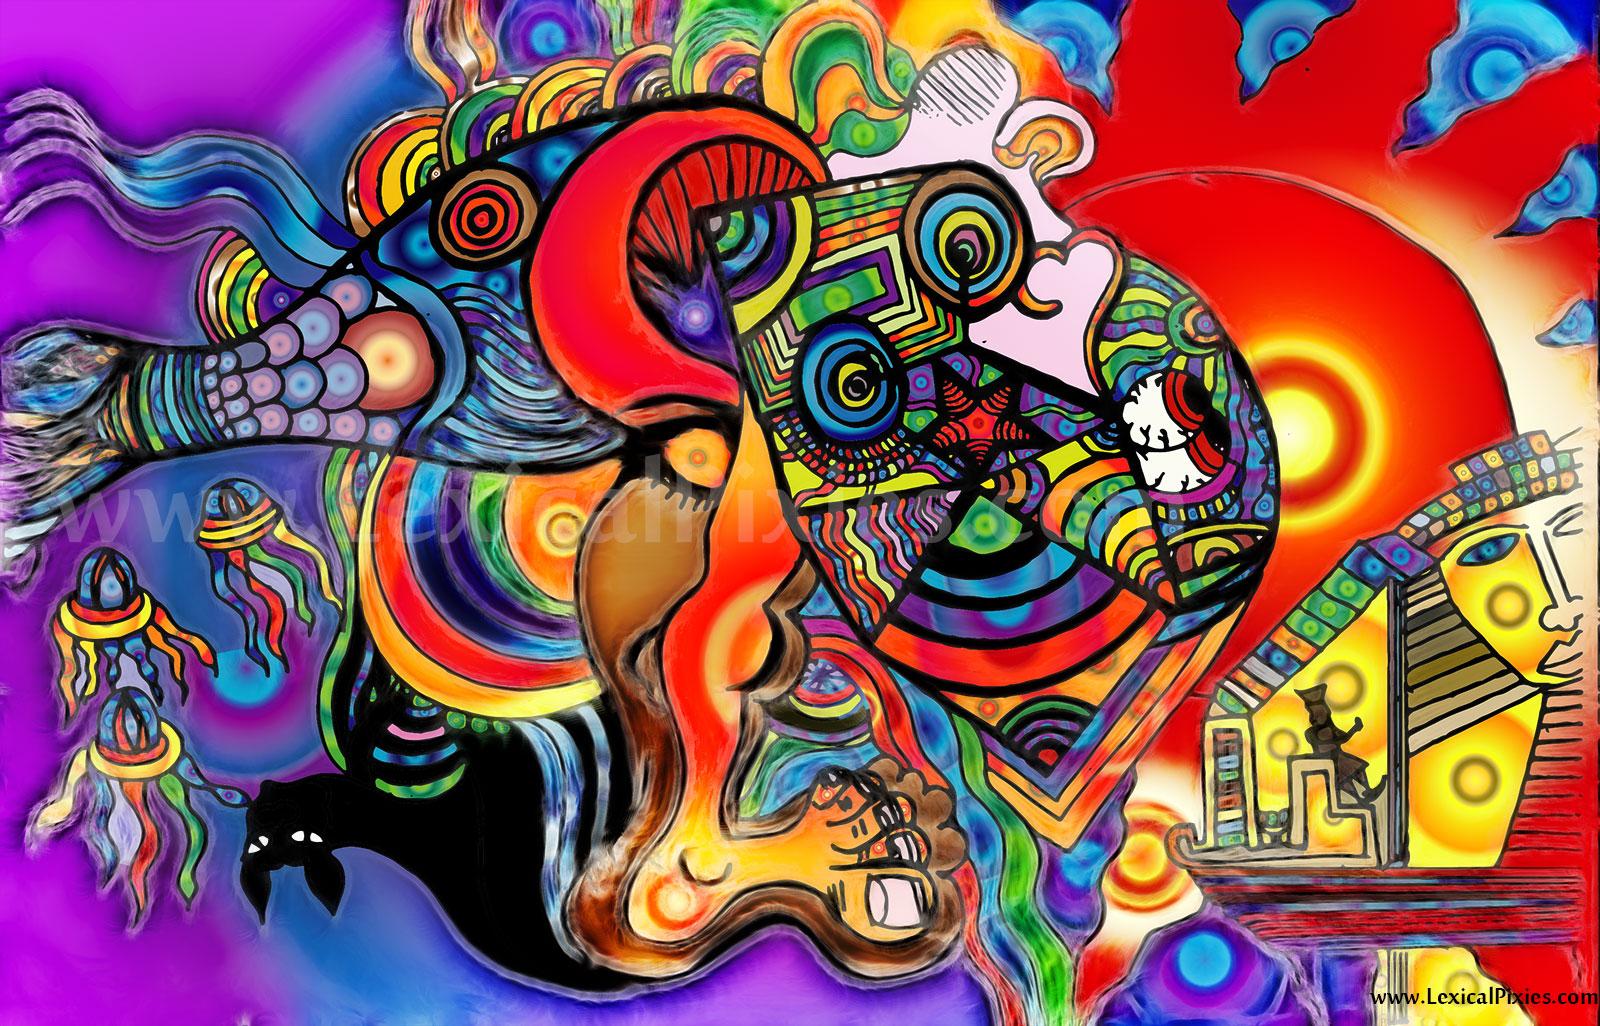 http://1.bp.blogspot.com/-vfAnxL7B1Mk/UKz5h0wTSwI/AAAAAAAAA_A/CyBYEkeNVmE/s1600/Civilization.jpg